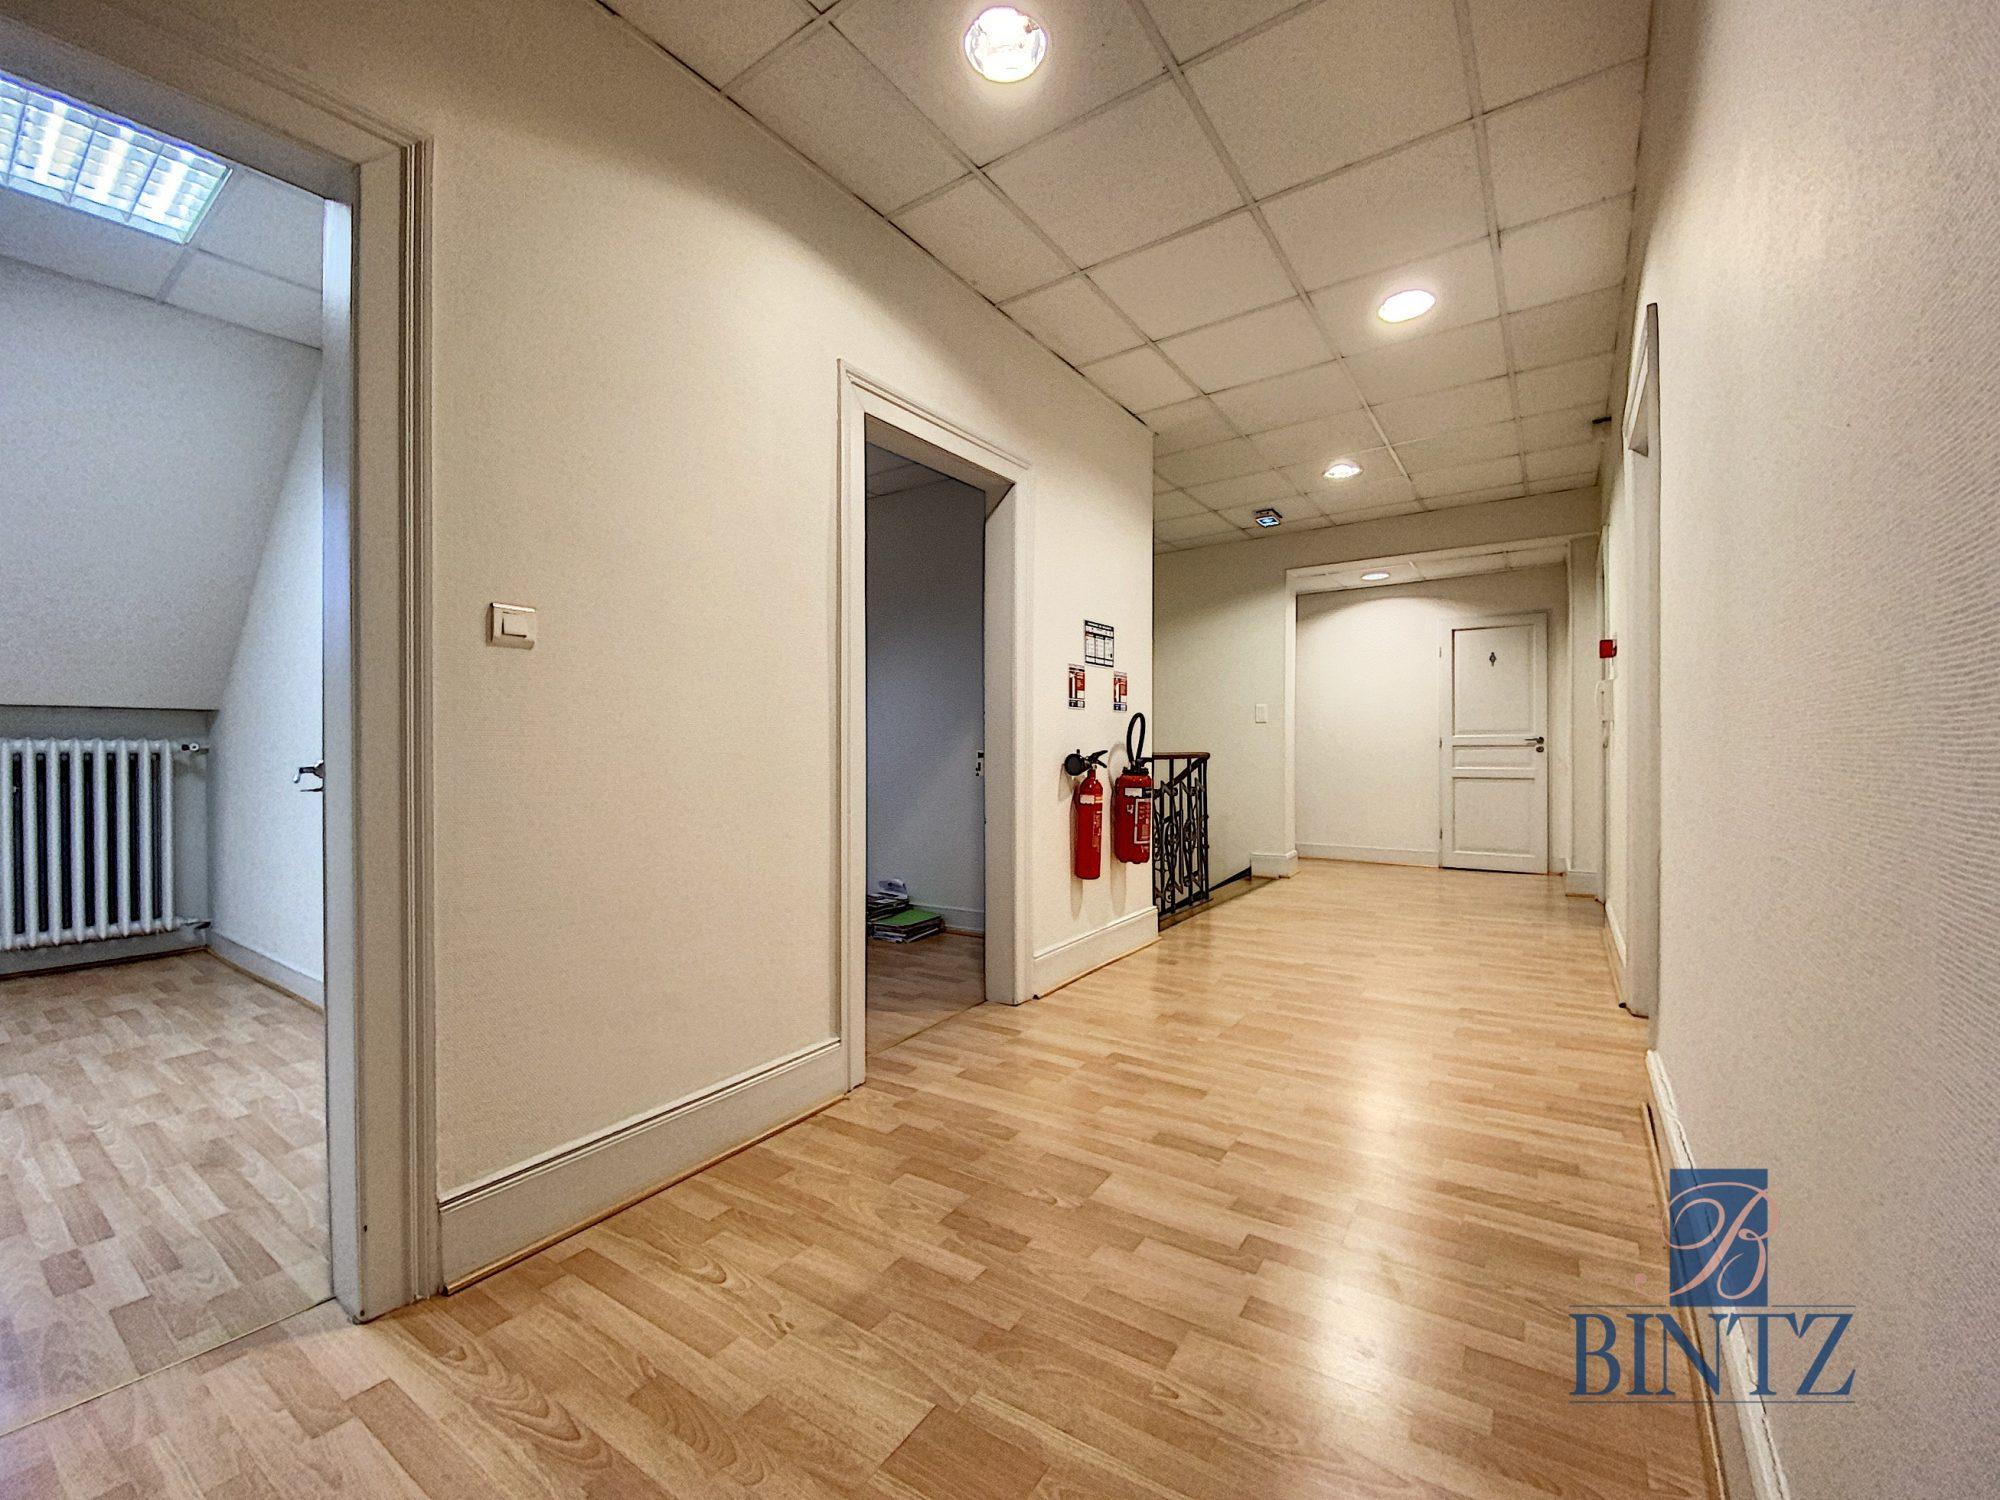 Immeuble de bureaux à louer - Devenez locataire en toute sérénité - Bintz Immobilier - 15